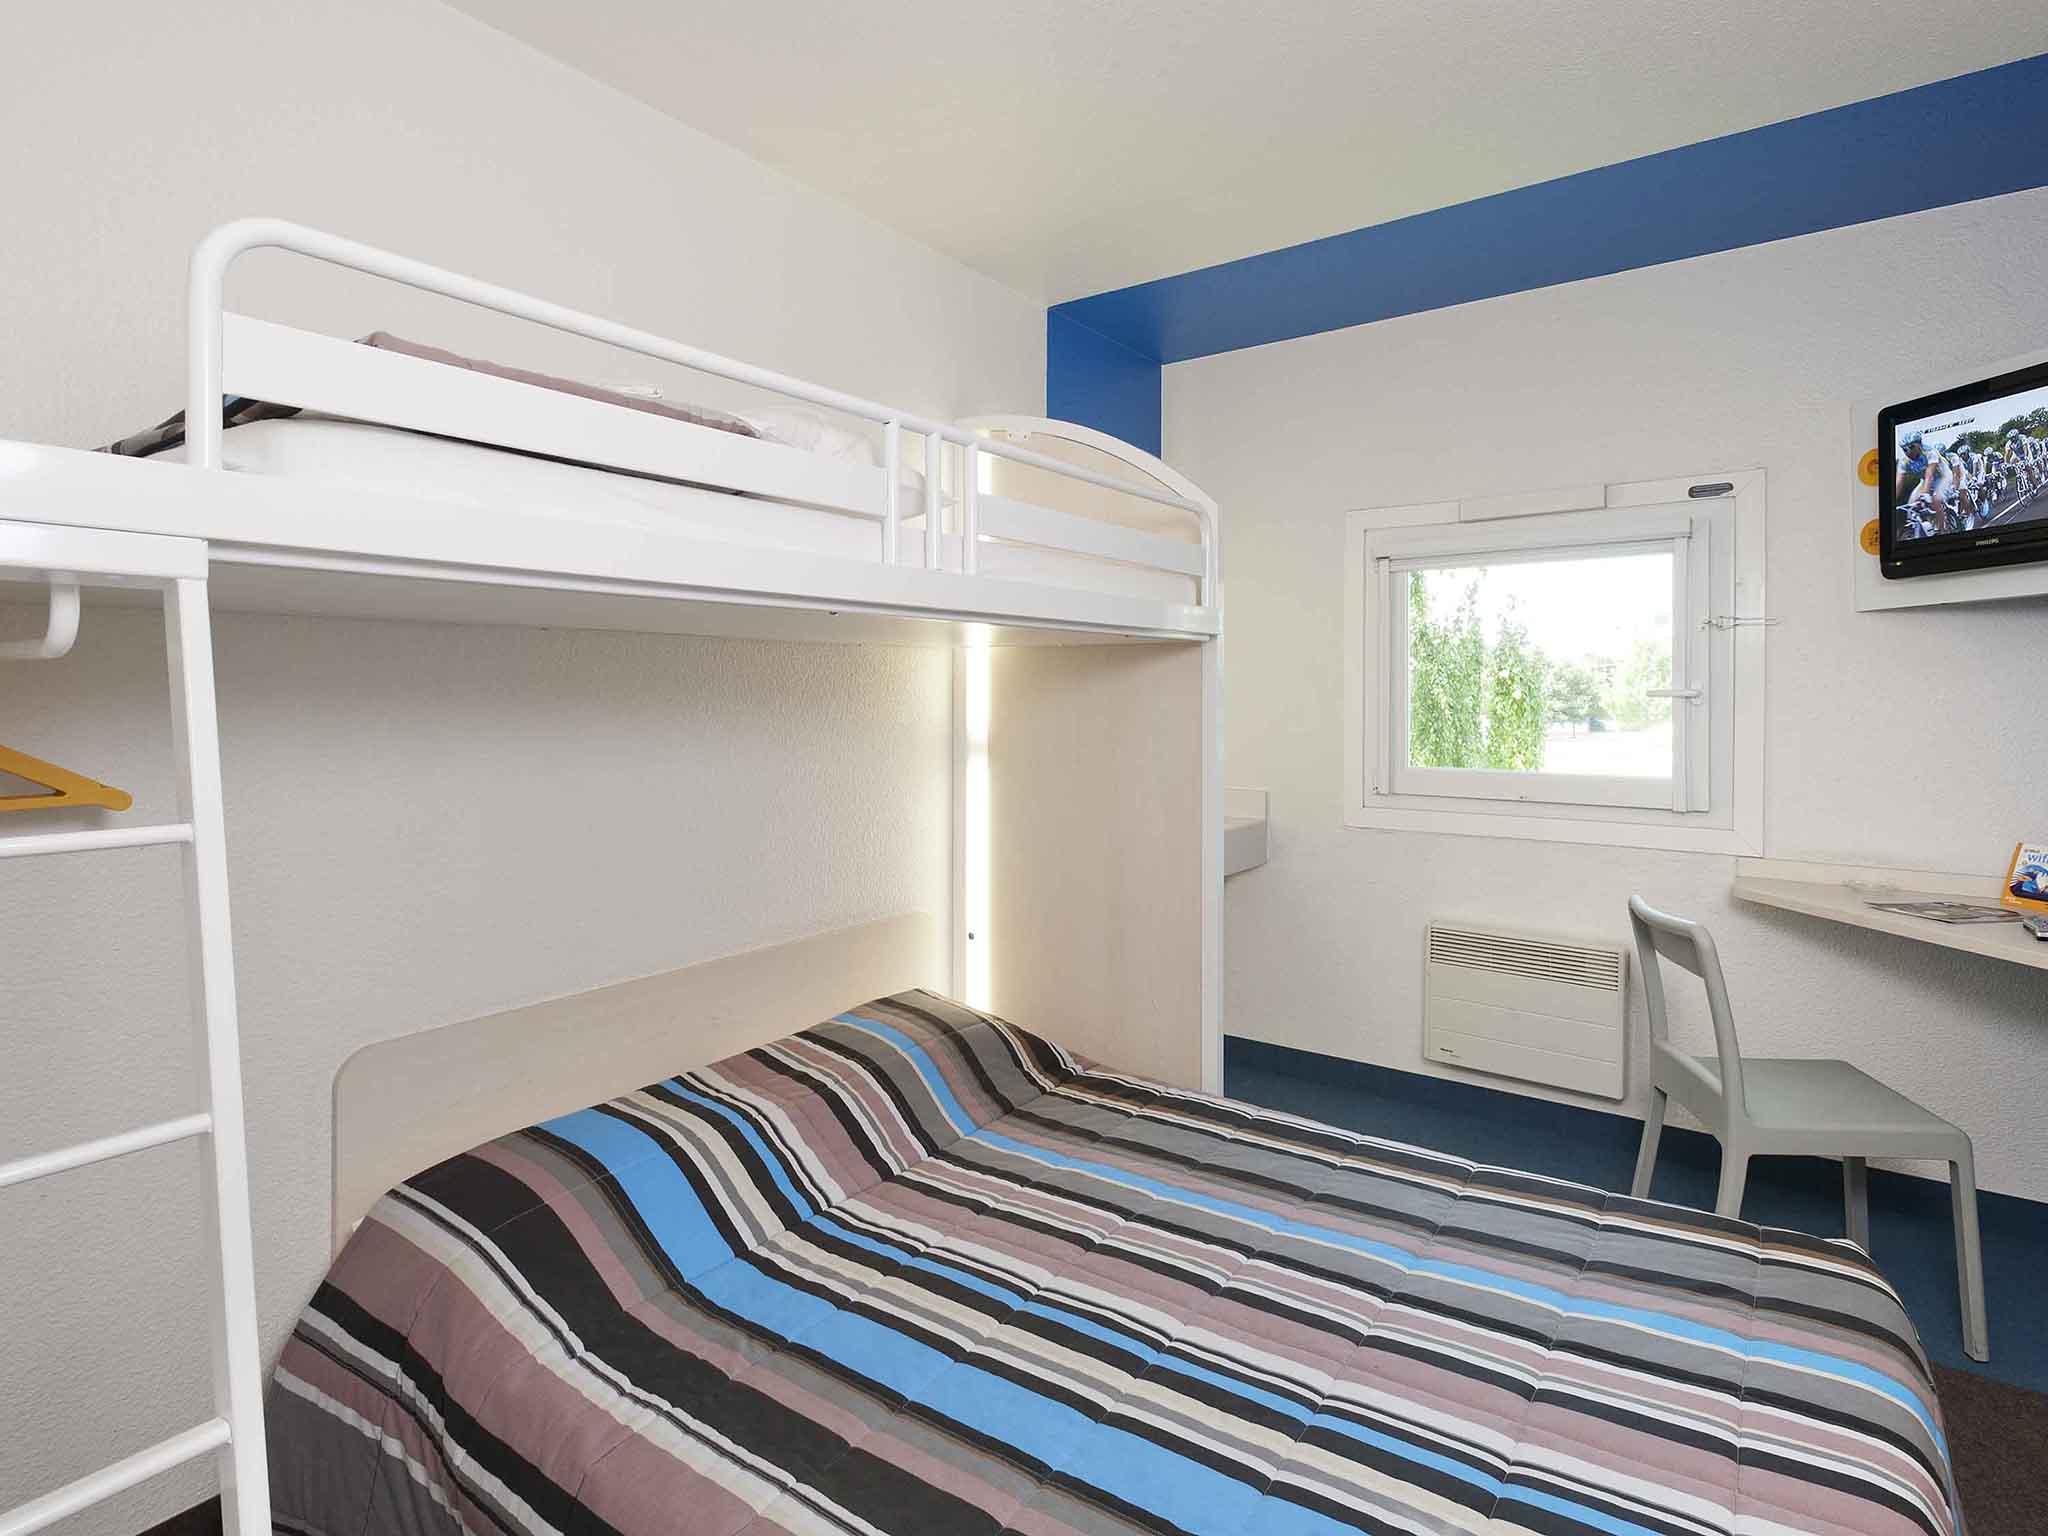 โรงแรม – hotelF1 Sarcelles